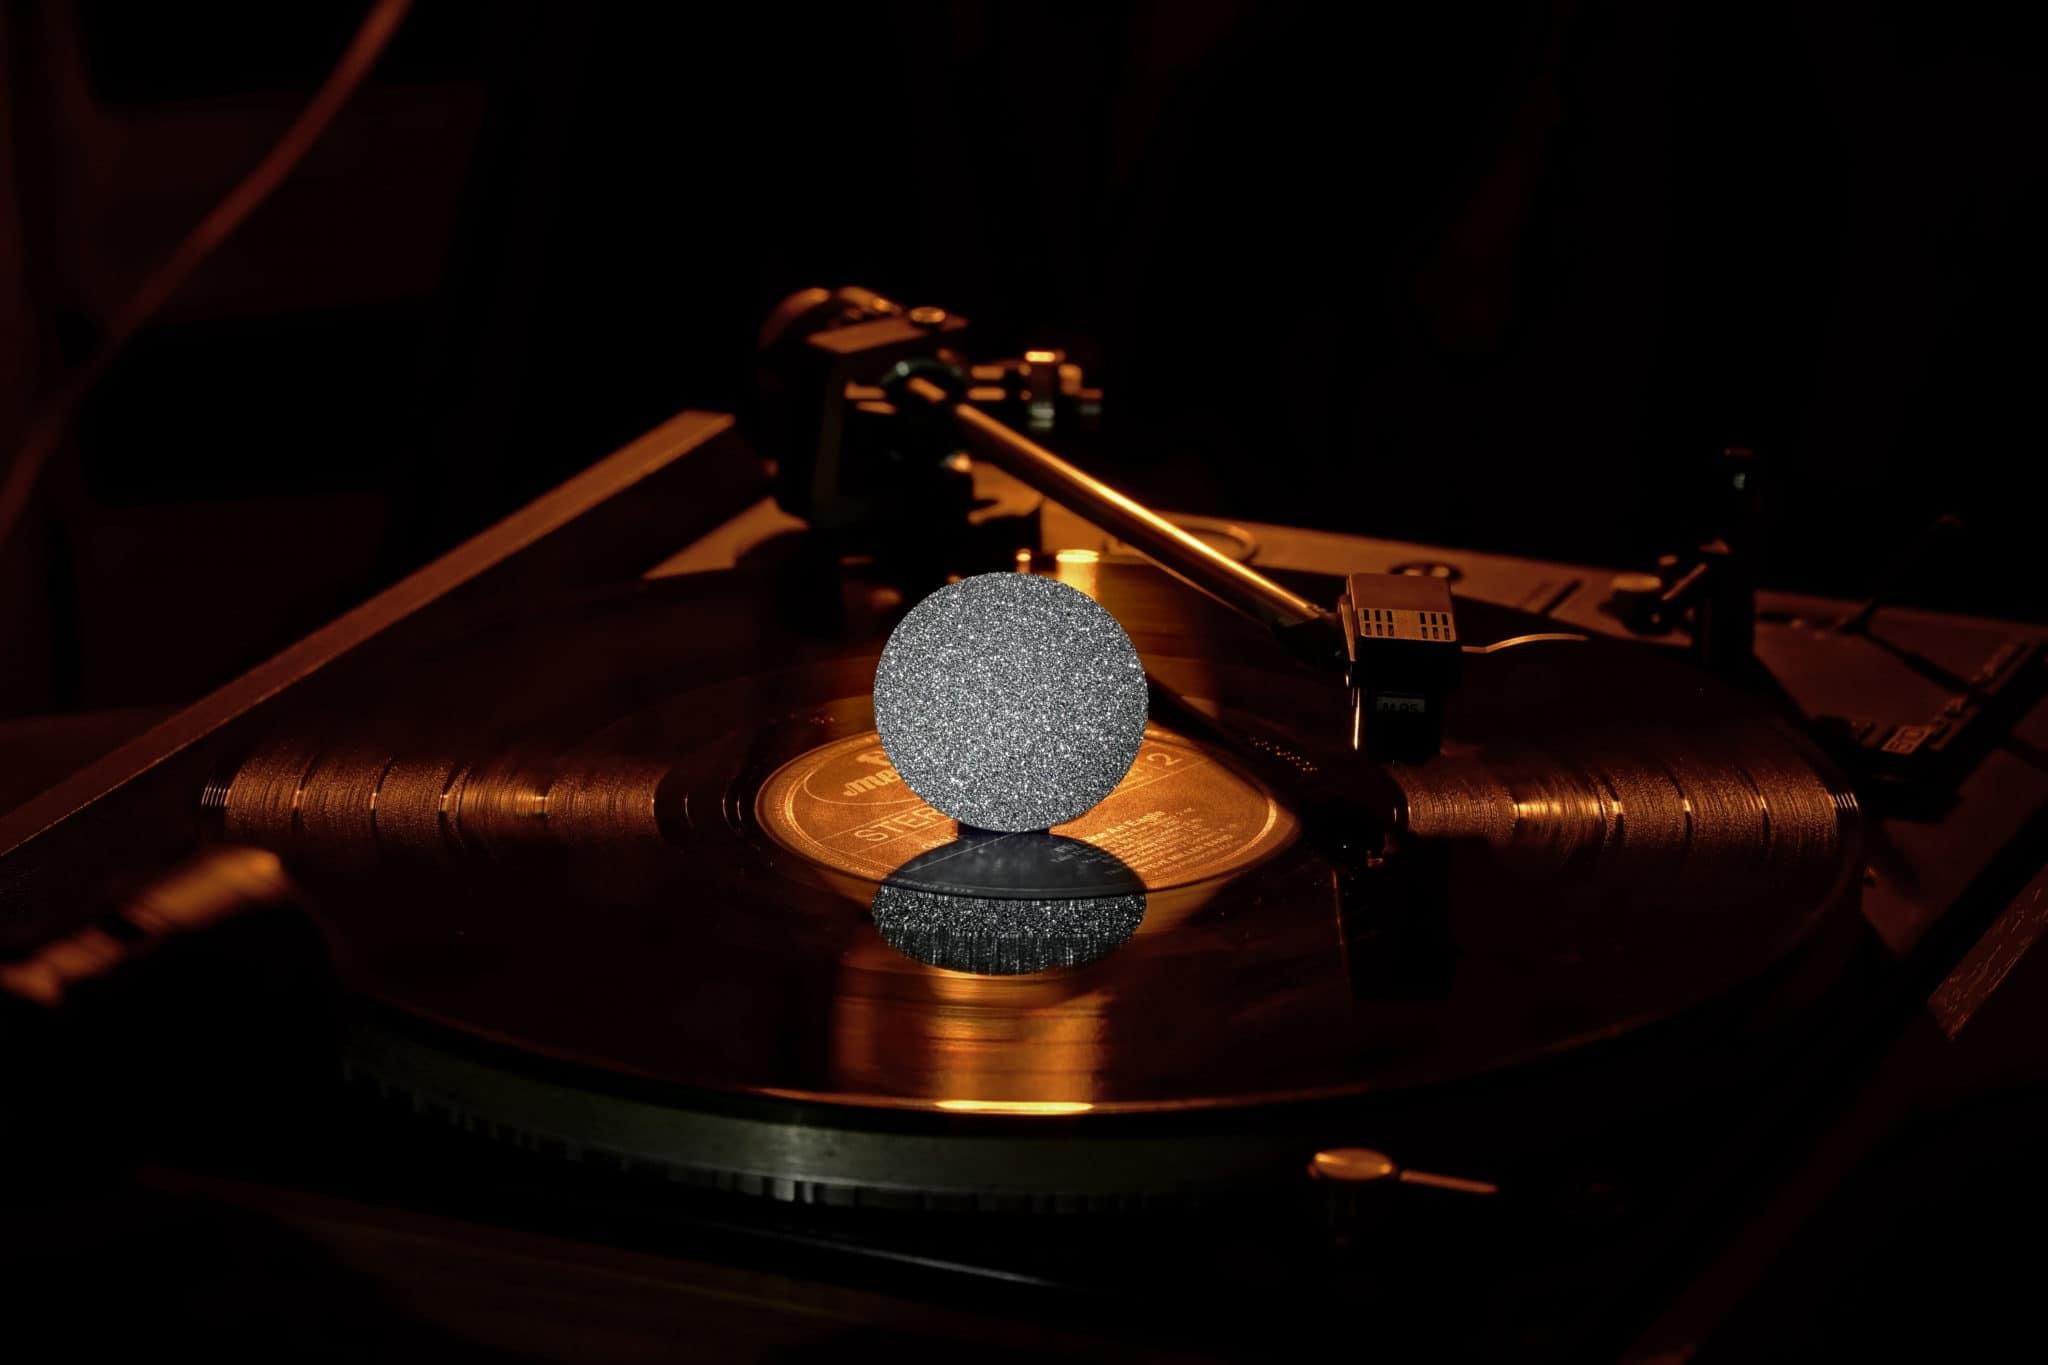 Eine Osmium-Disk steht auf dem Plattenspieler und glänzt als Star im Portfolio